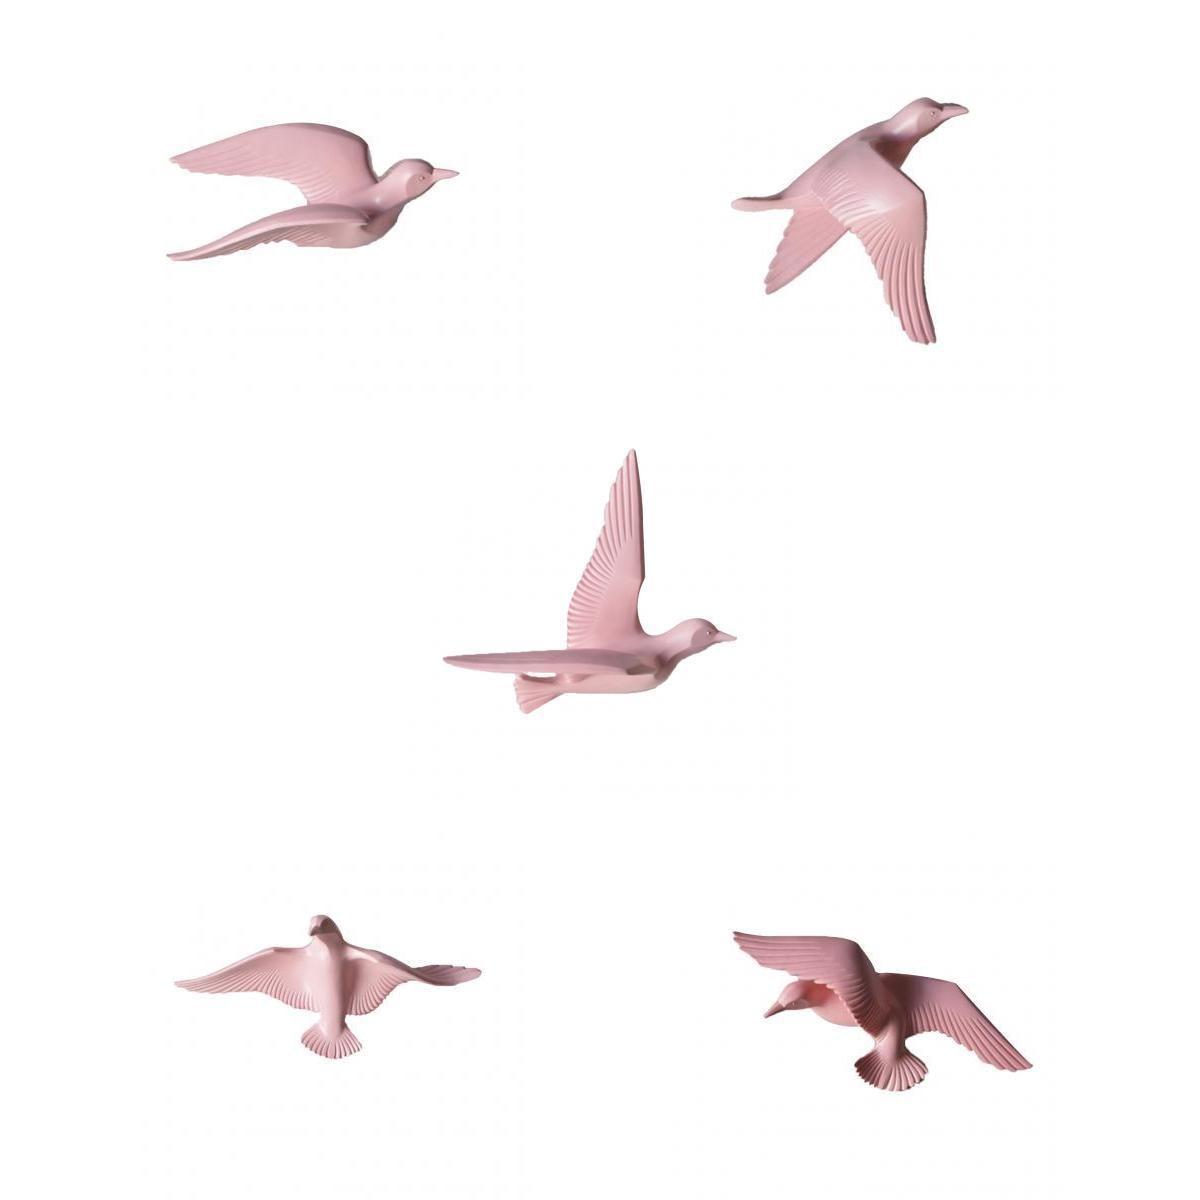 5 шт. дома декоративные резиновые 3D ручной Летающий Чайка товары для птиц стены книги по искусству скульптура висит декор розовый